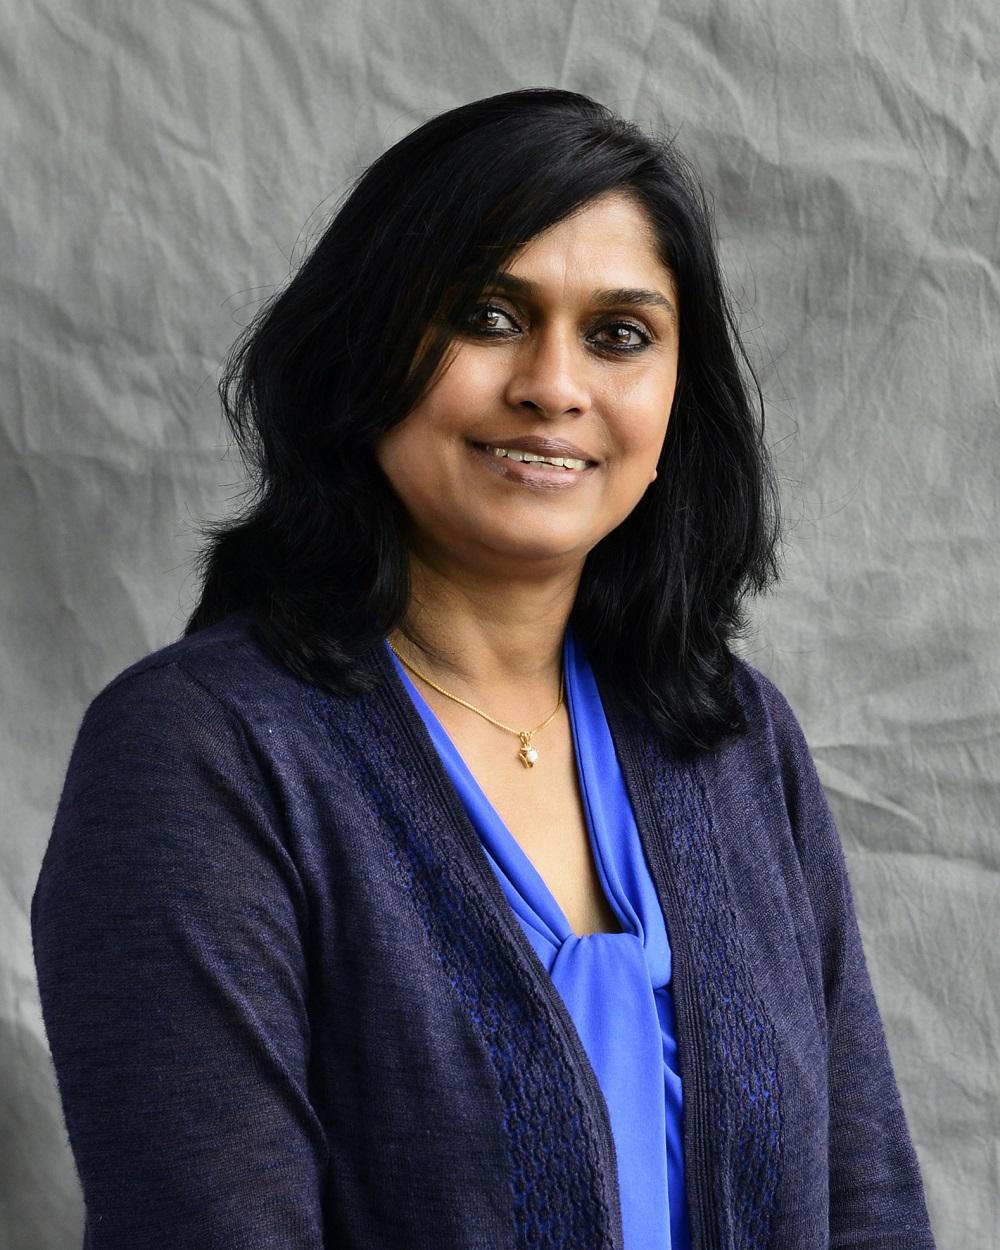 A Gupta profile